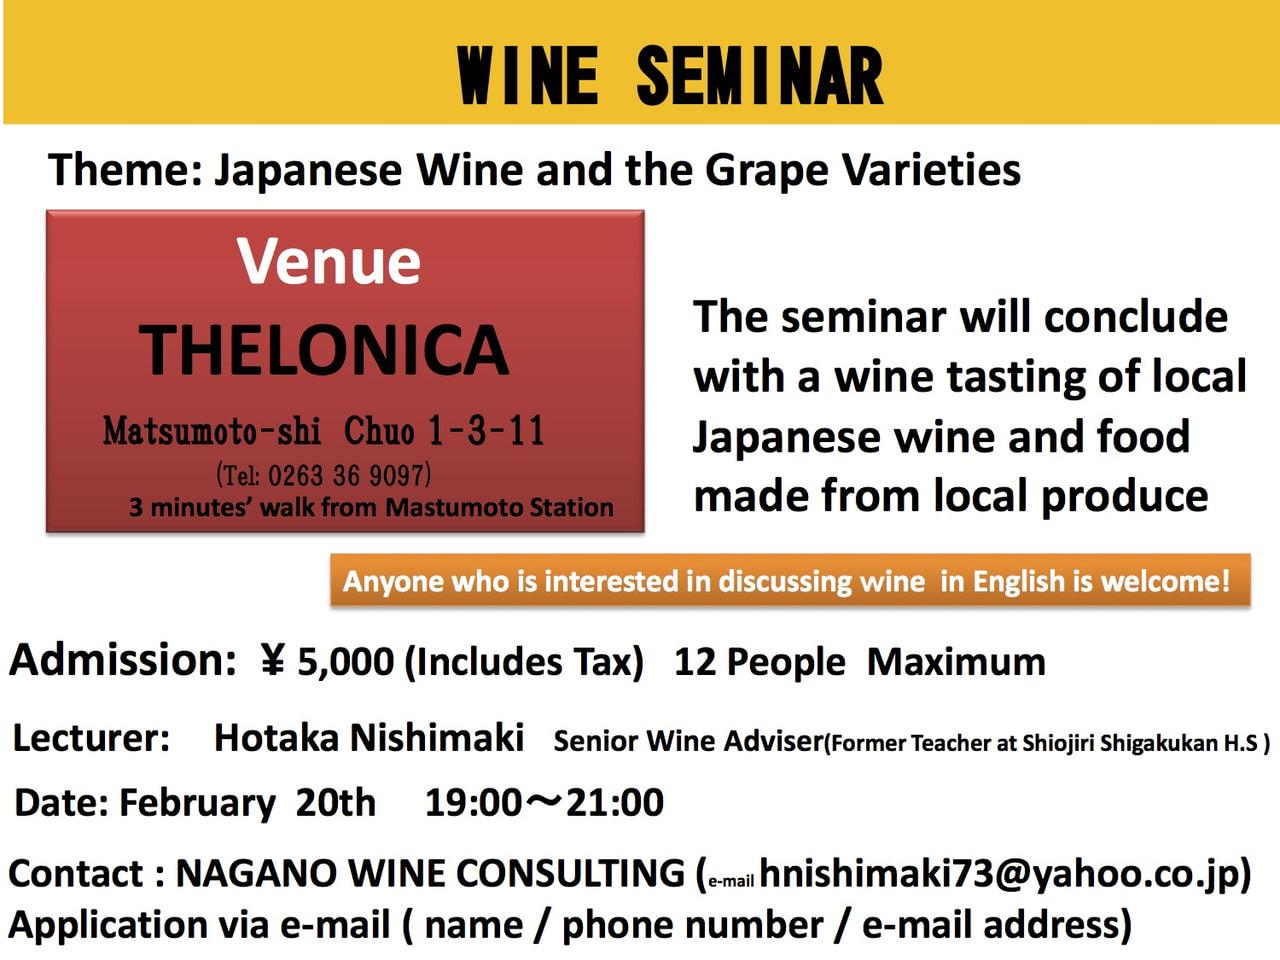 松本市にて英語によるワインセミナーが開催されます